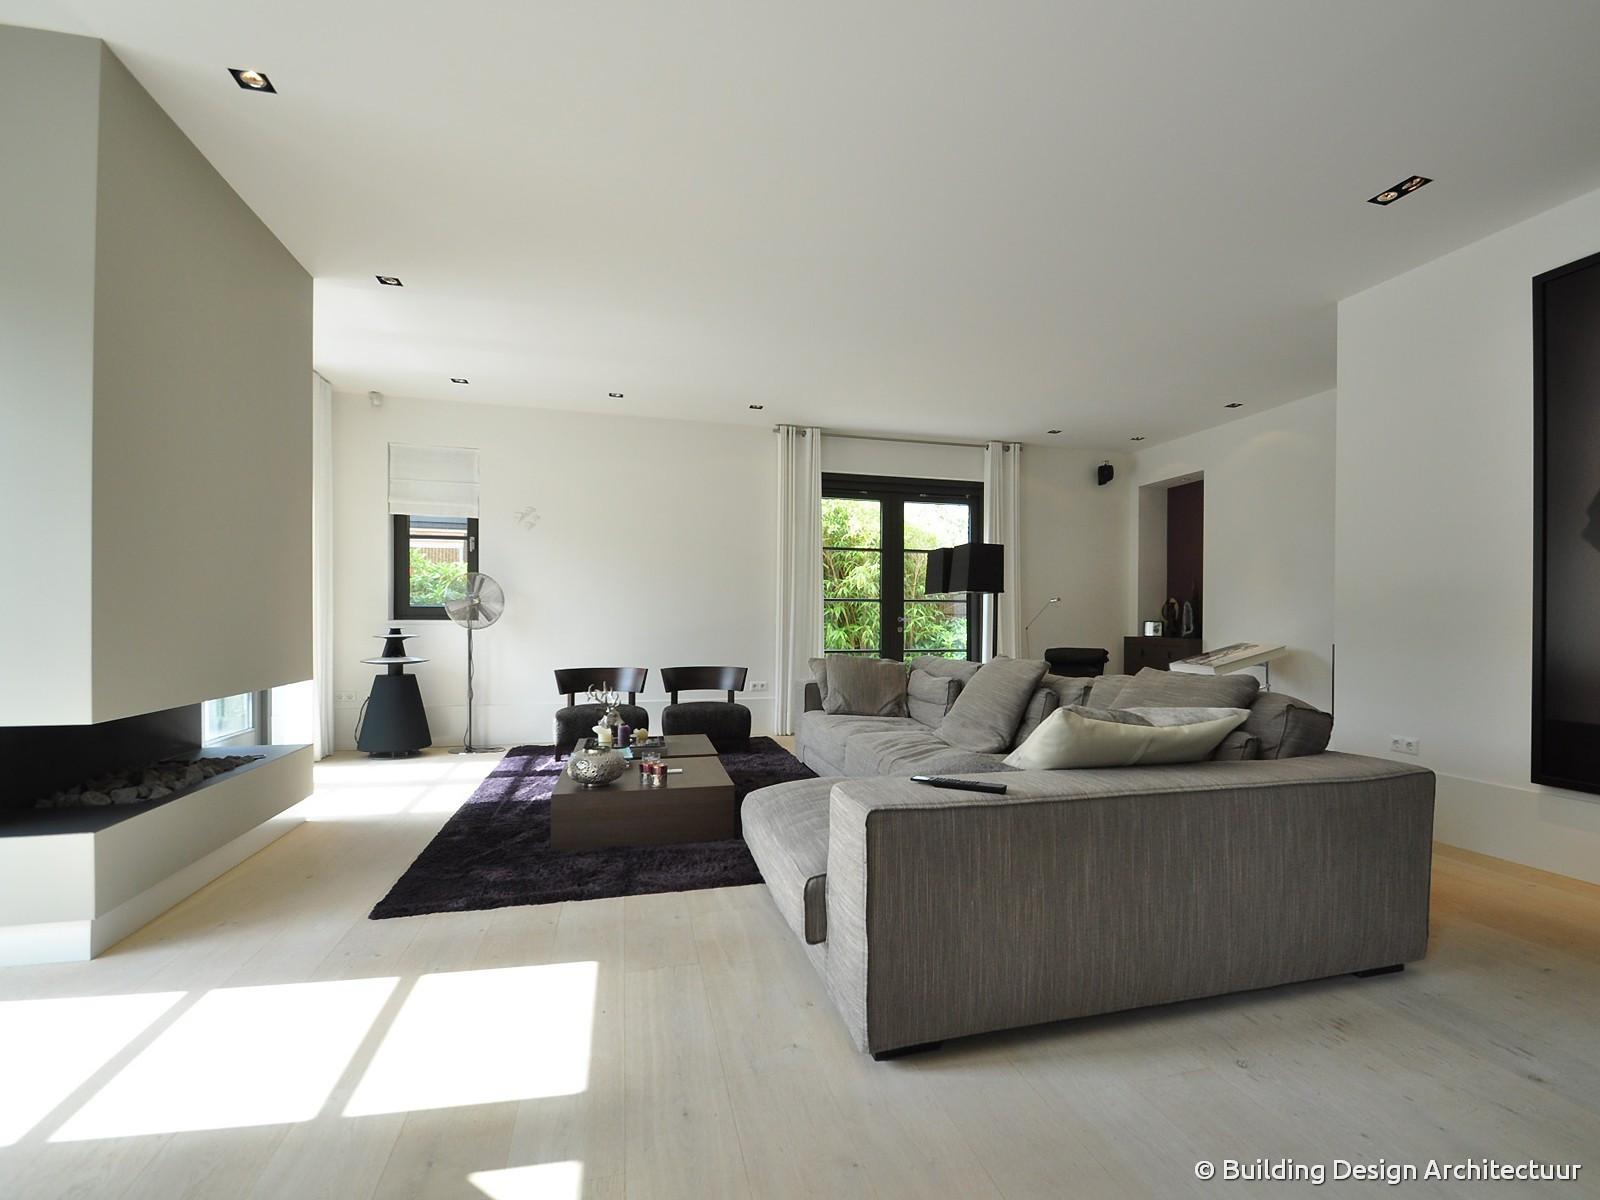 Building design architectuur - Interieur binnenkomst ...